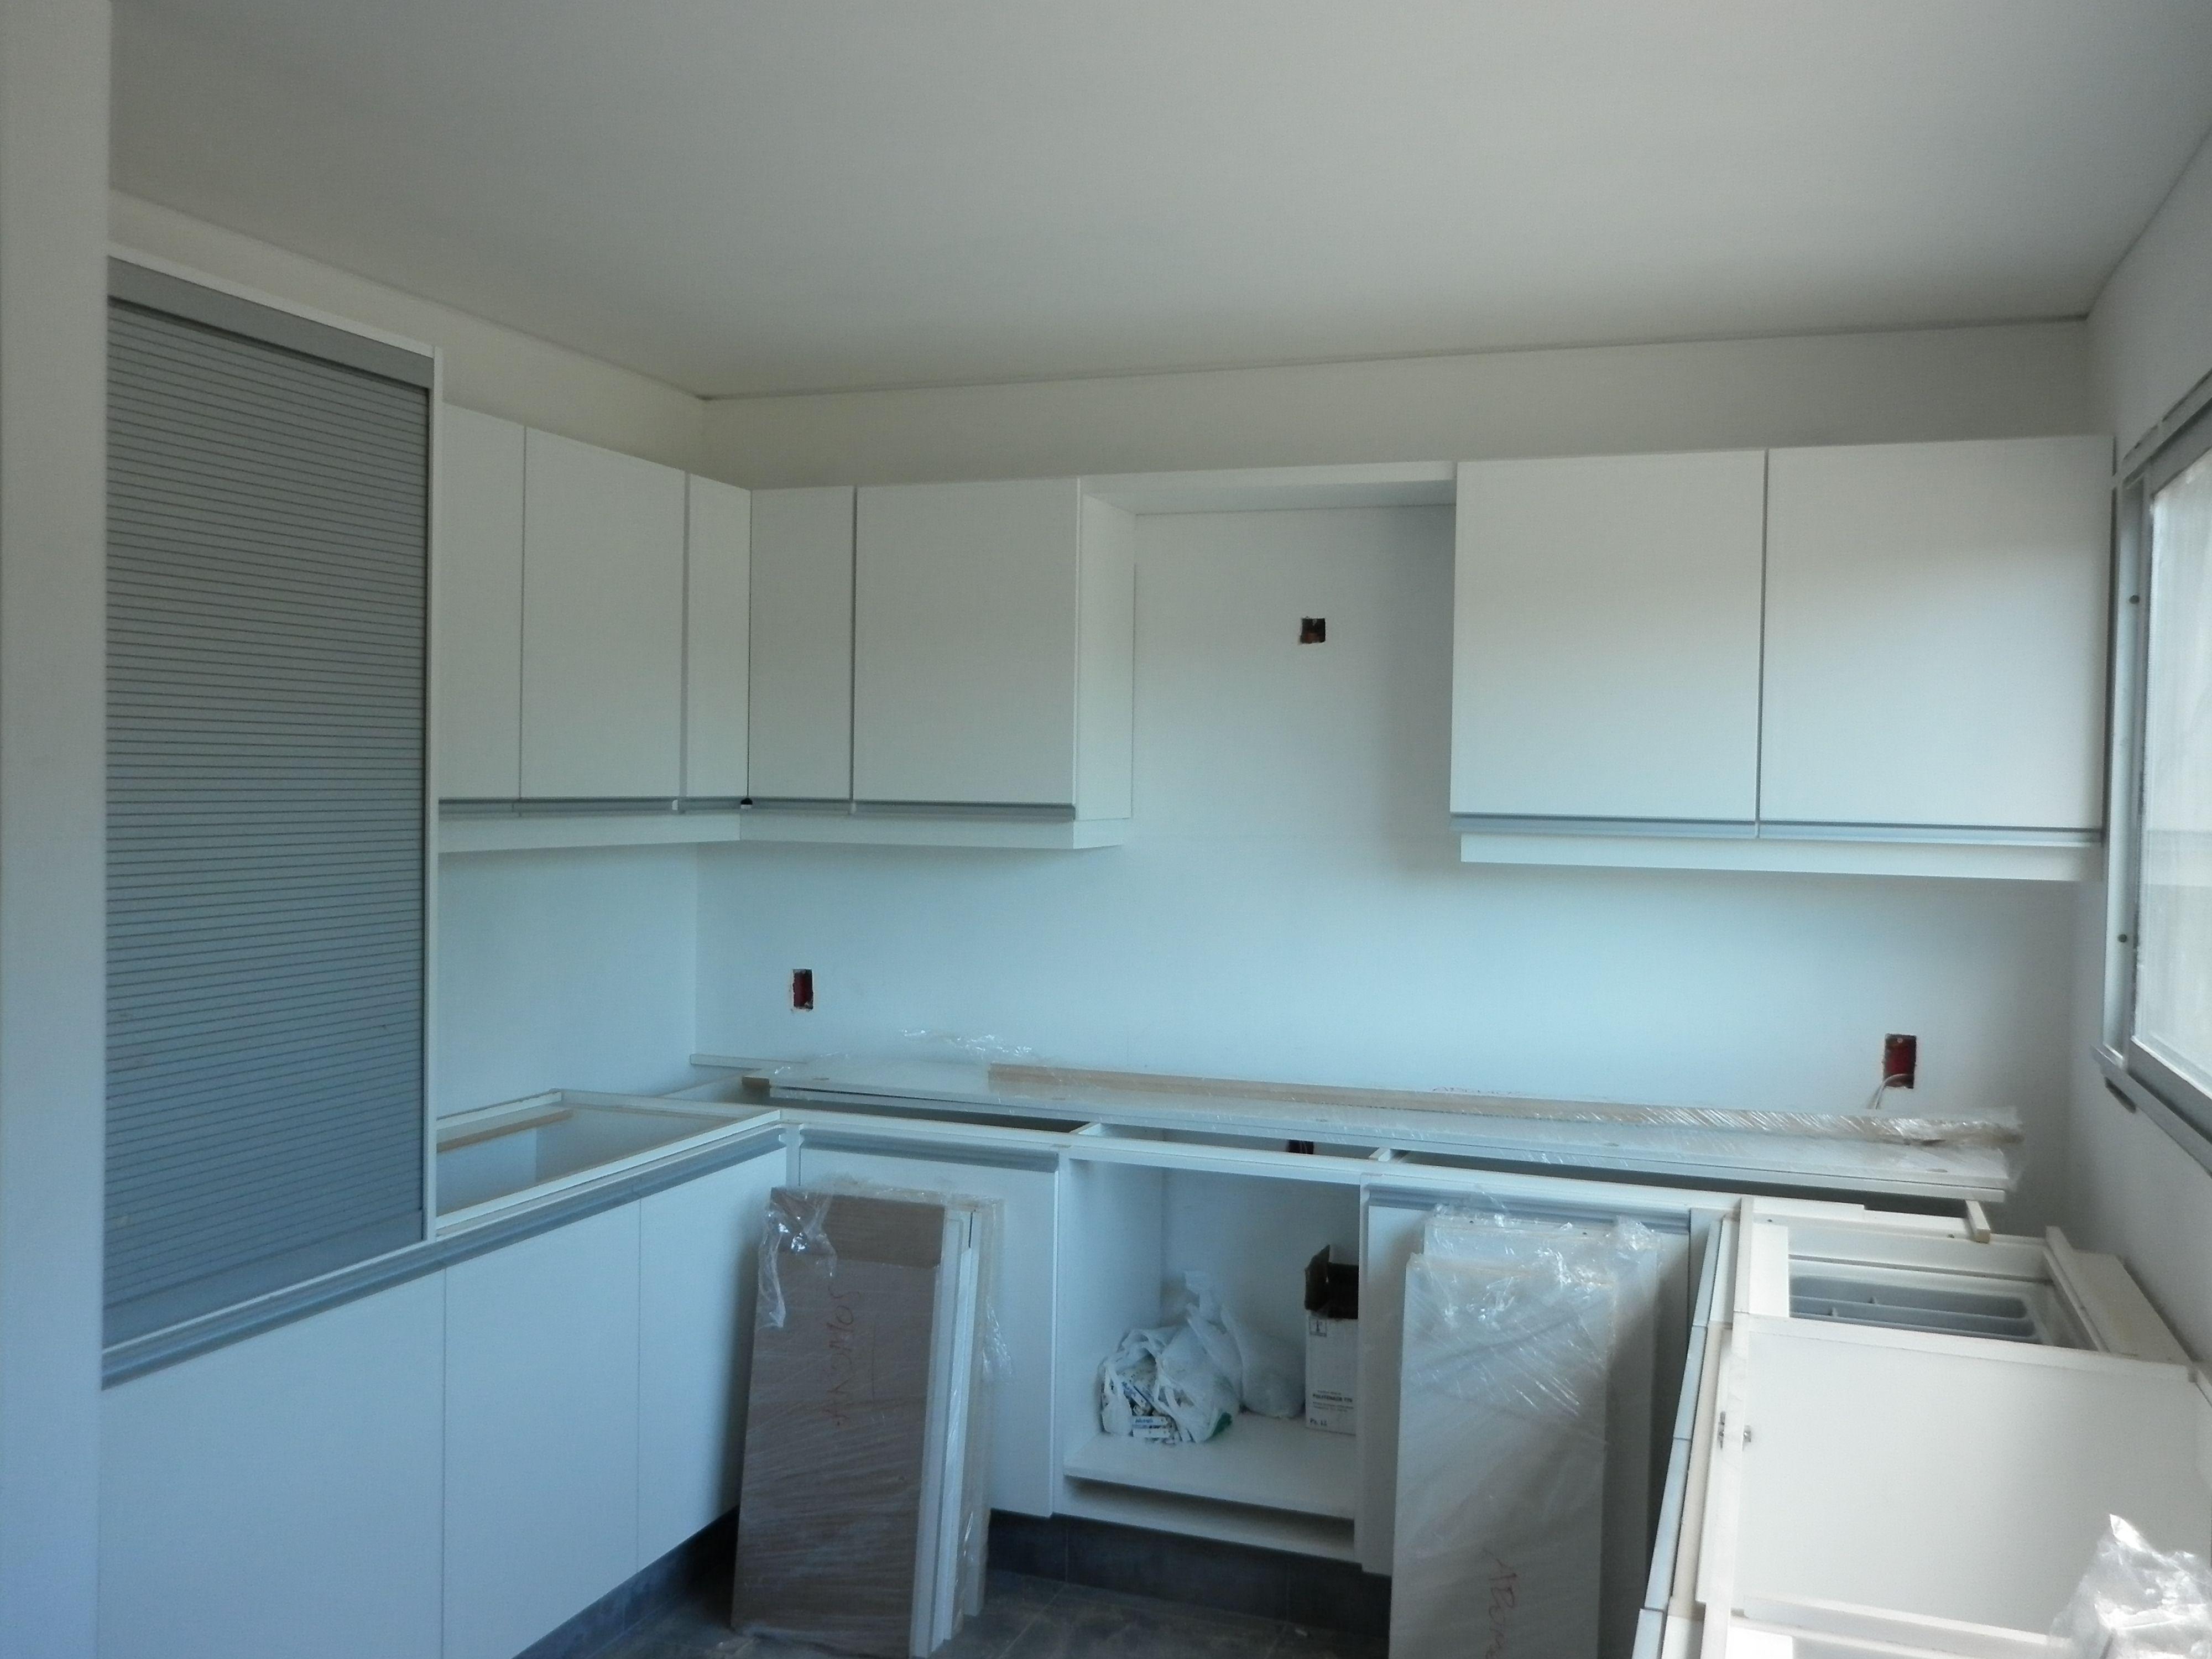 Grupo3 carlos cocina en proceso muebles blancos con for Ventanas de aluminio para cocina